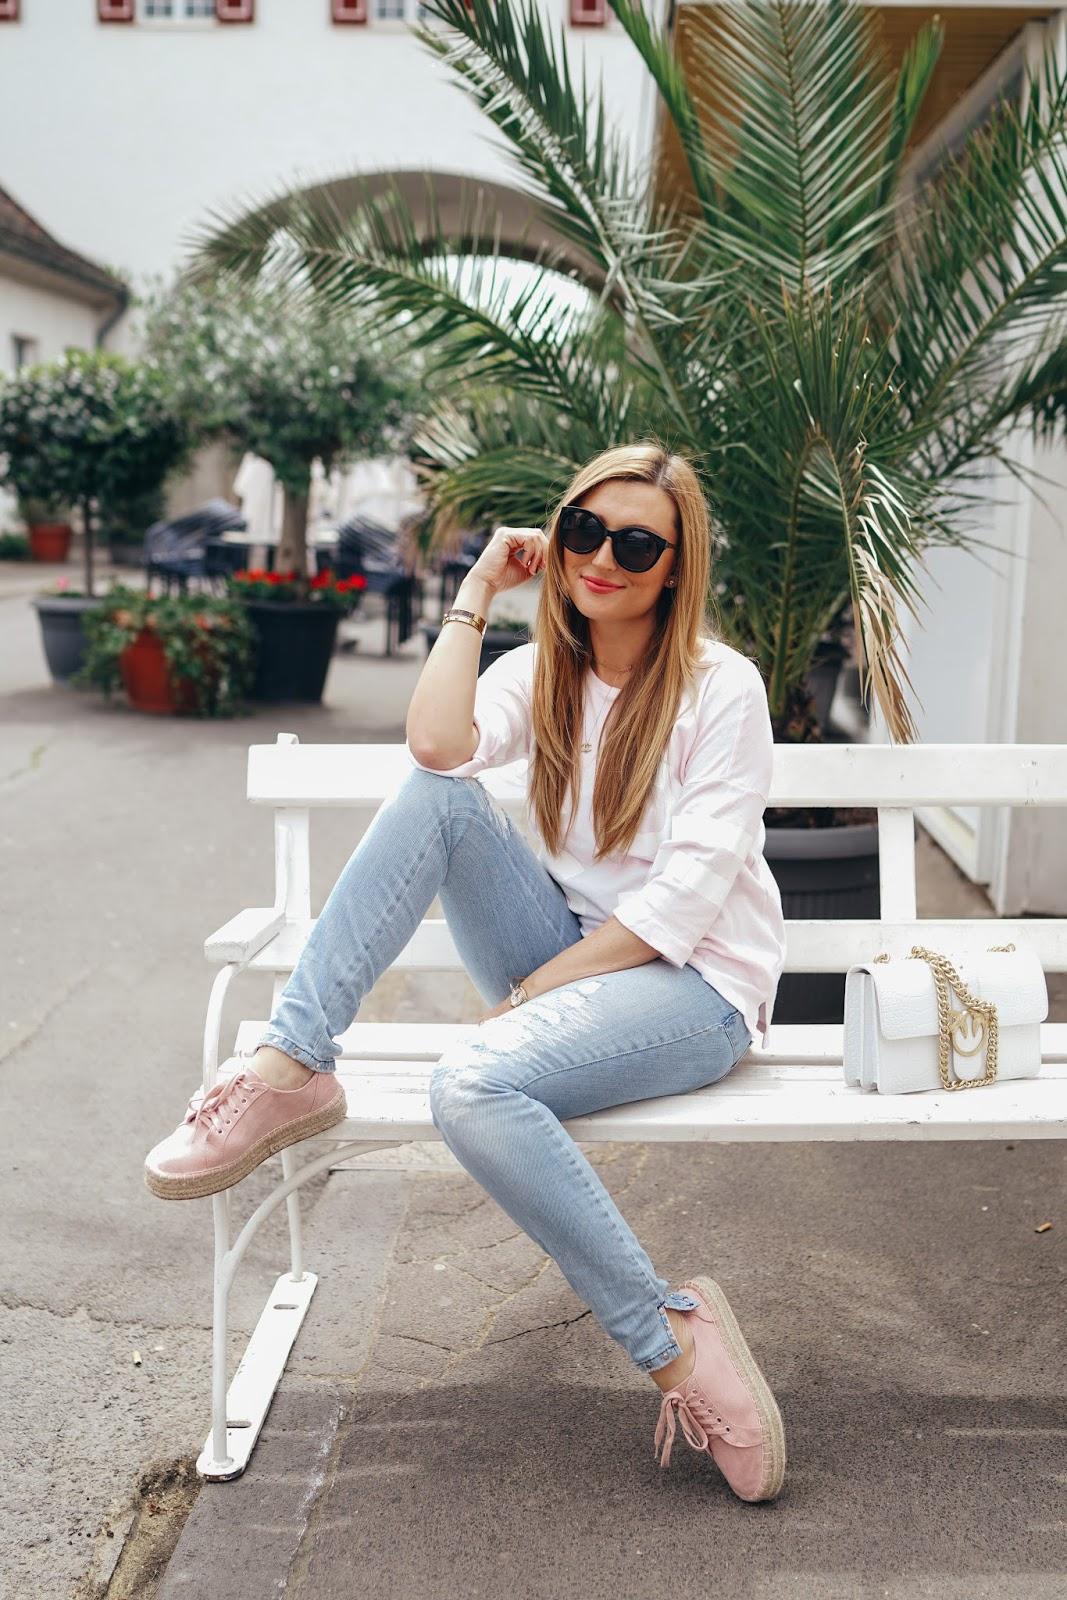 Chanel-Kette-Marc-Aurel-Helle-Jeans-mit-sneaker-plateau-kombinieren-fashionstylebyjohanna